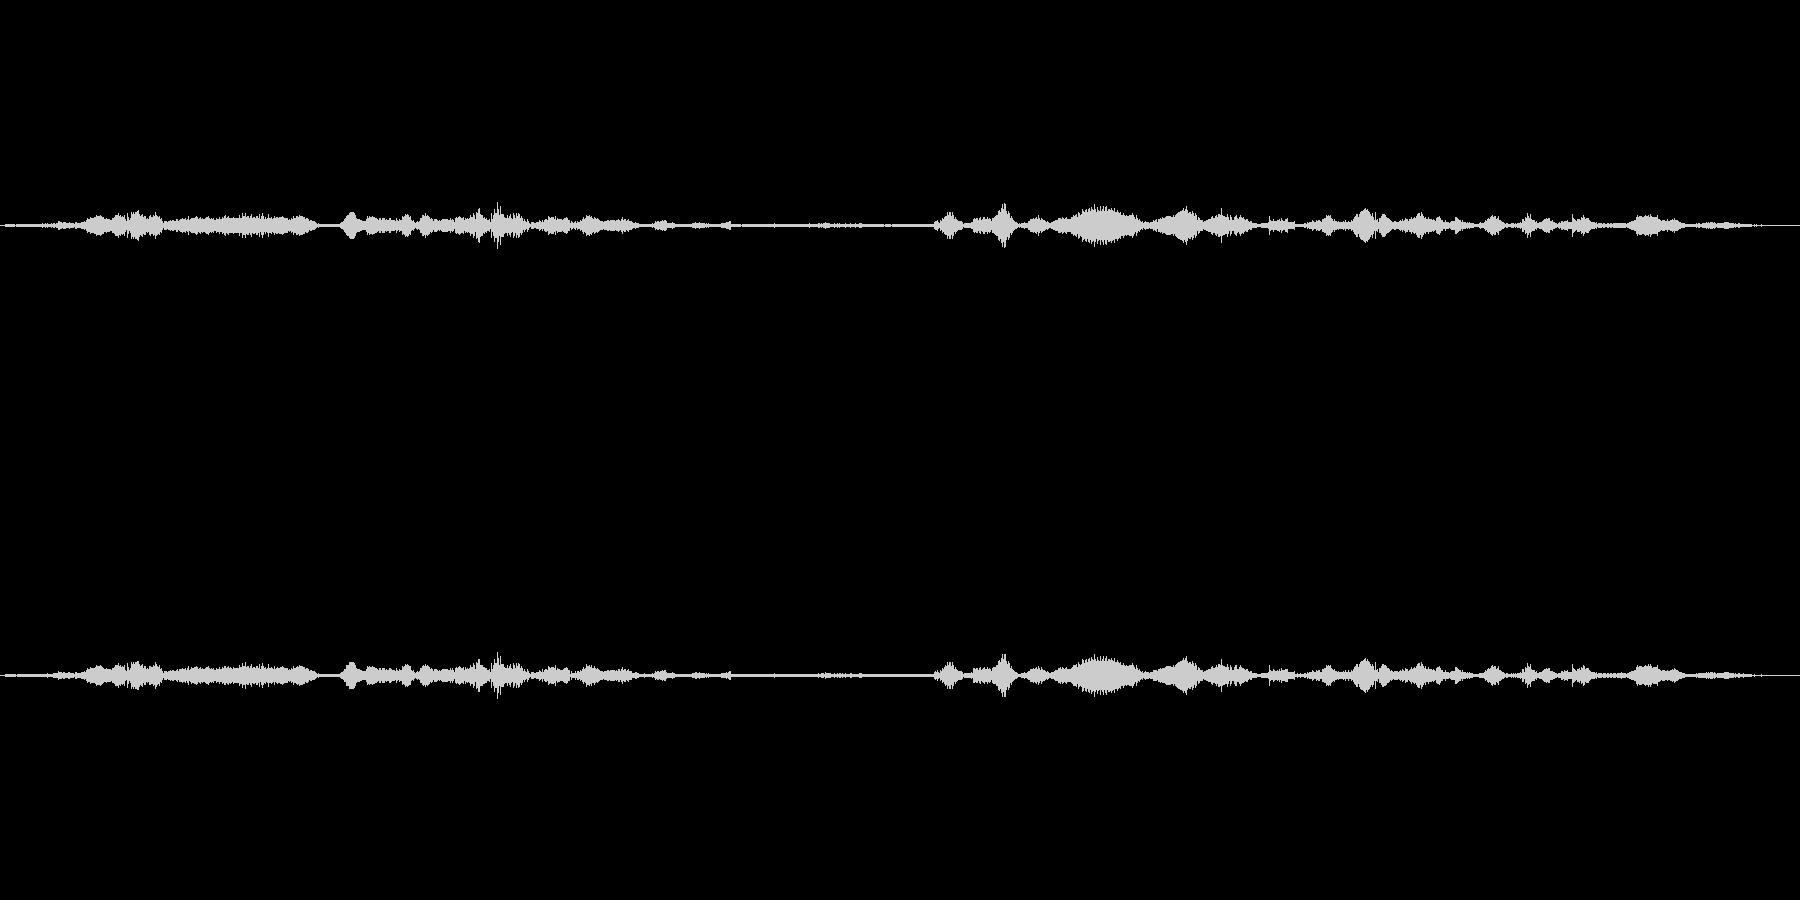 (ブツブツぼそぼそ)の未再生の波形